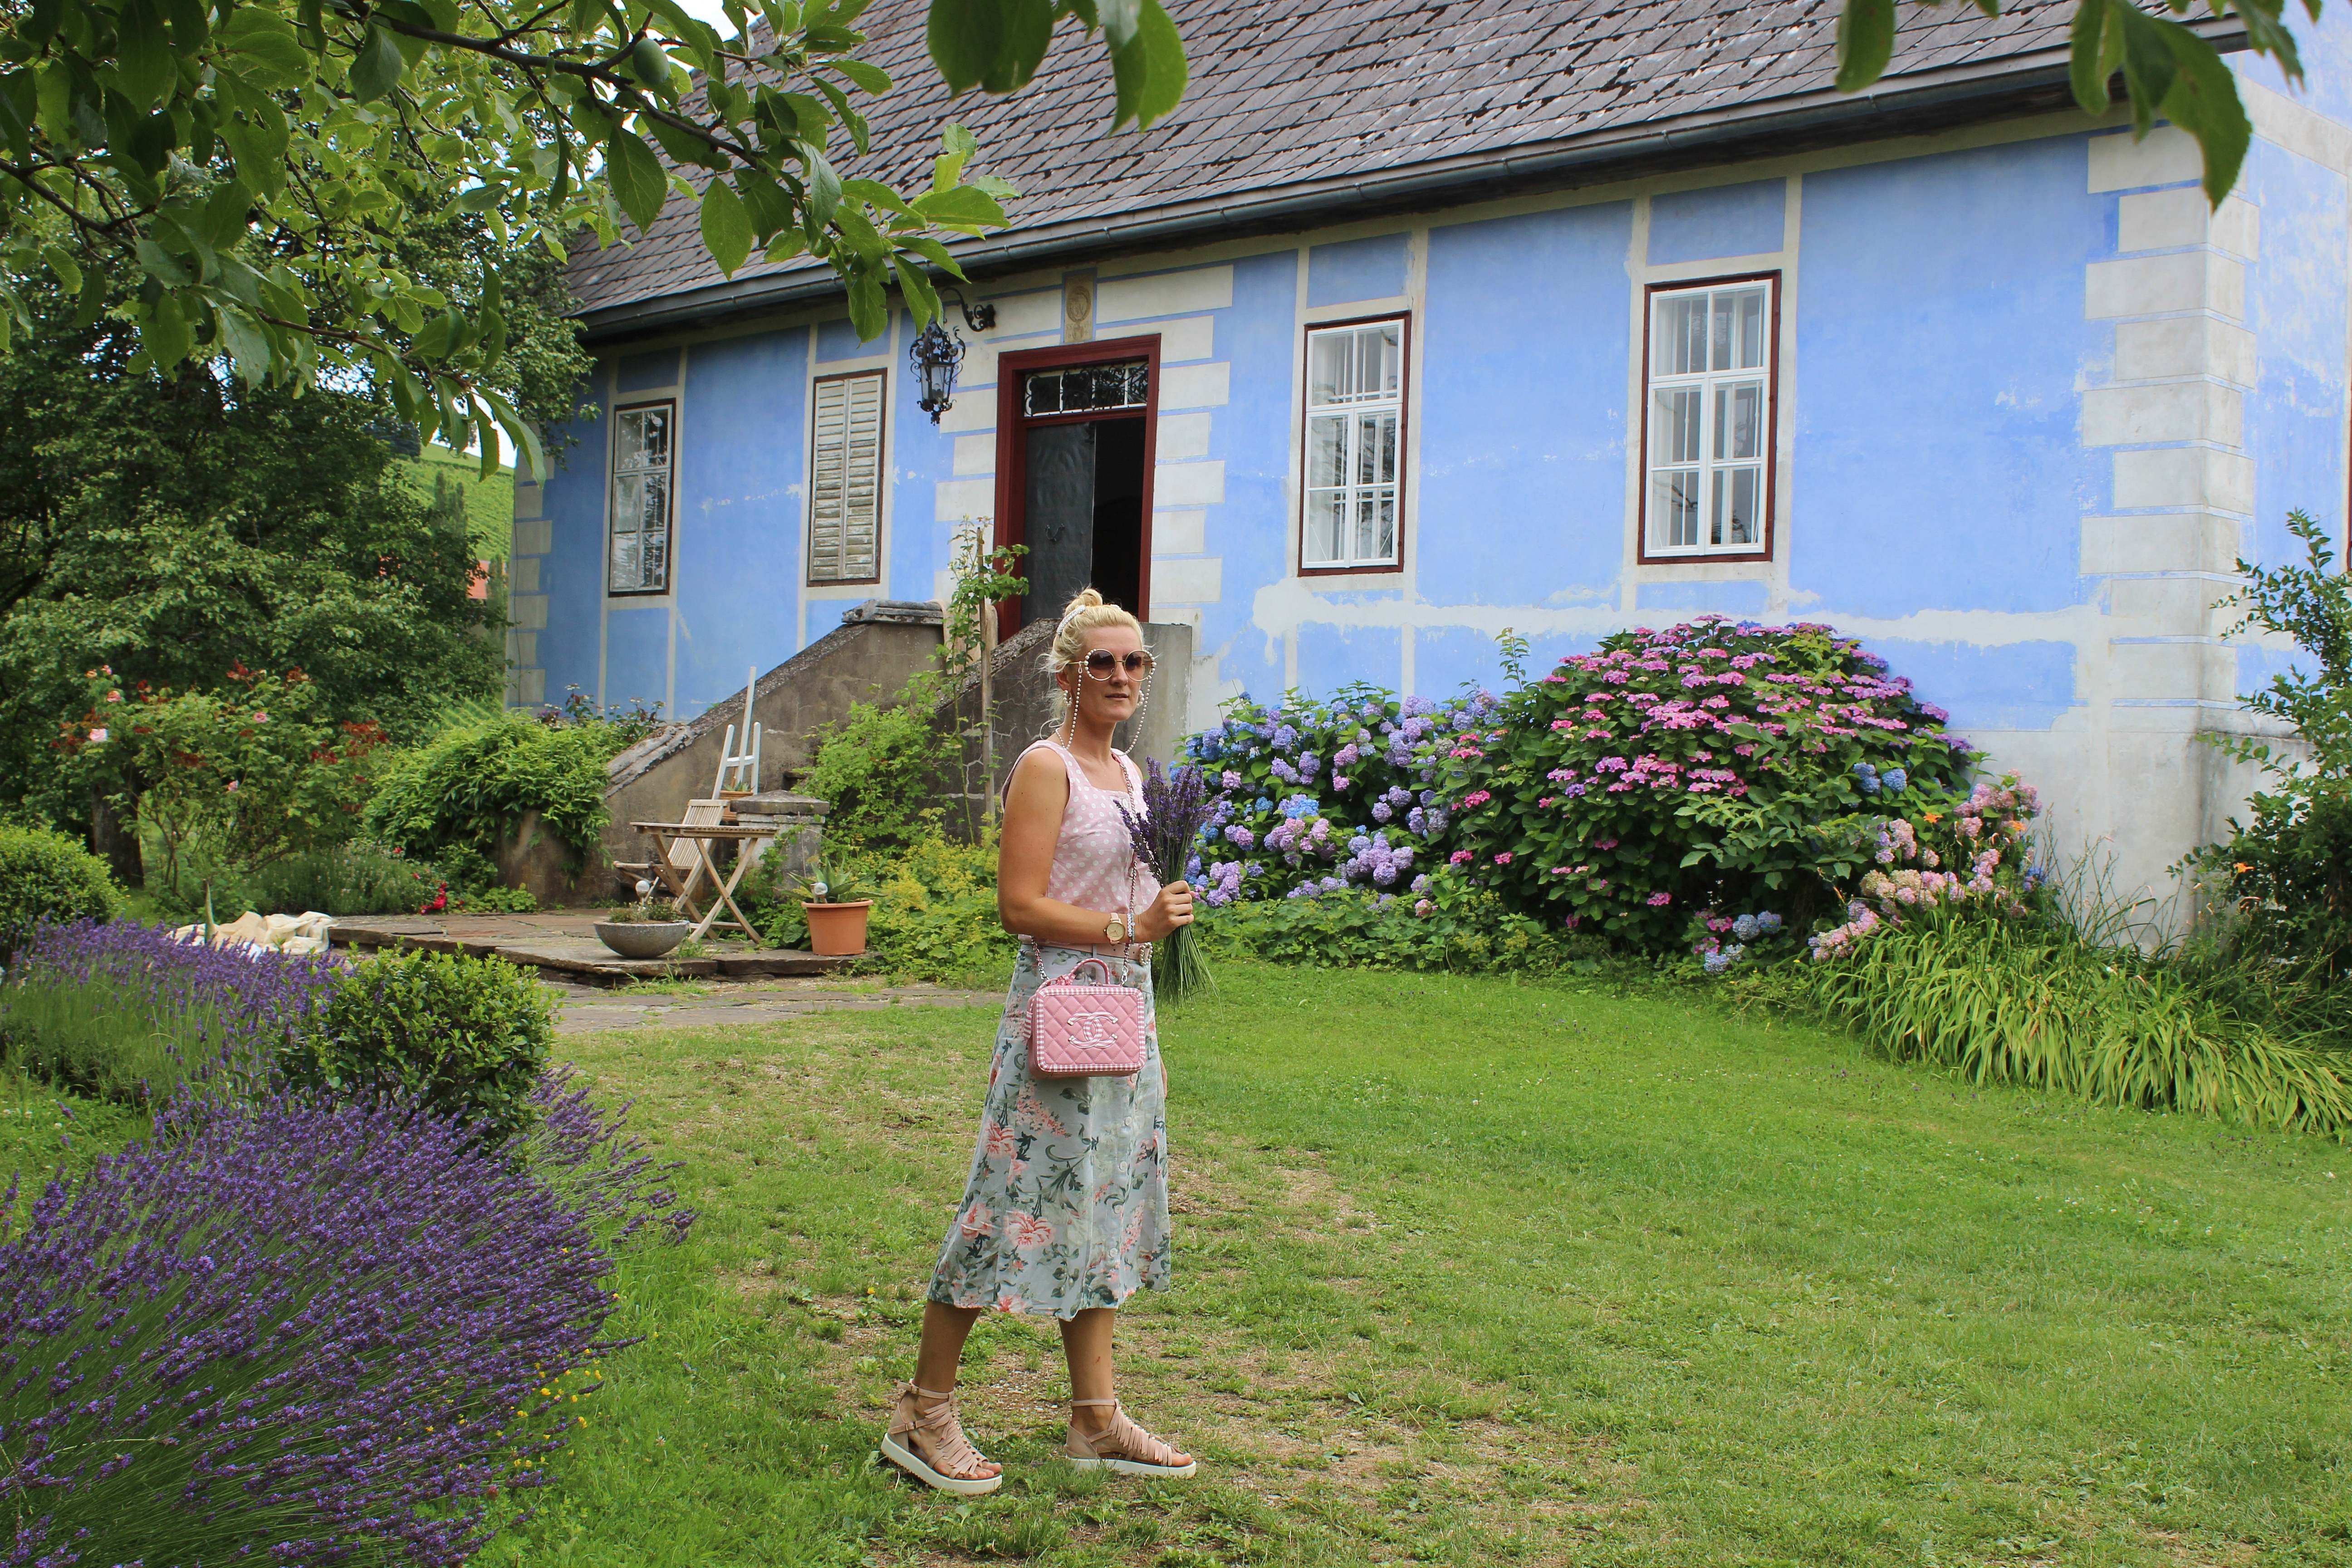 Kitzeck-Sausaler-Weinstraße-Chanel-Cruise-Bag-Lavendel-Heimat-carrieslifestyle-Tamara-Prutsch